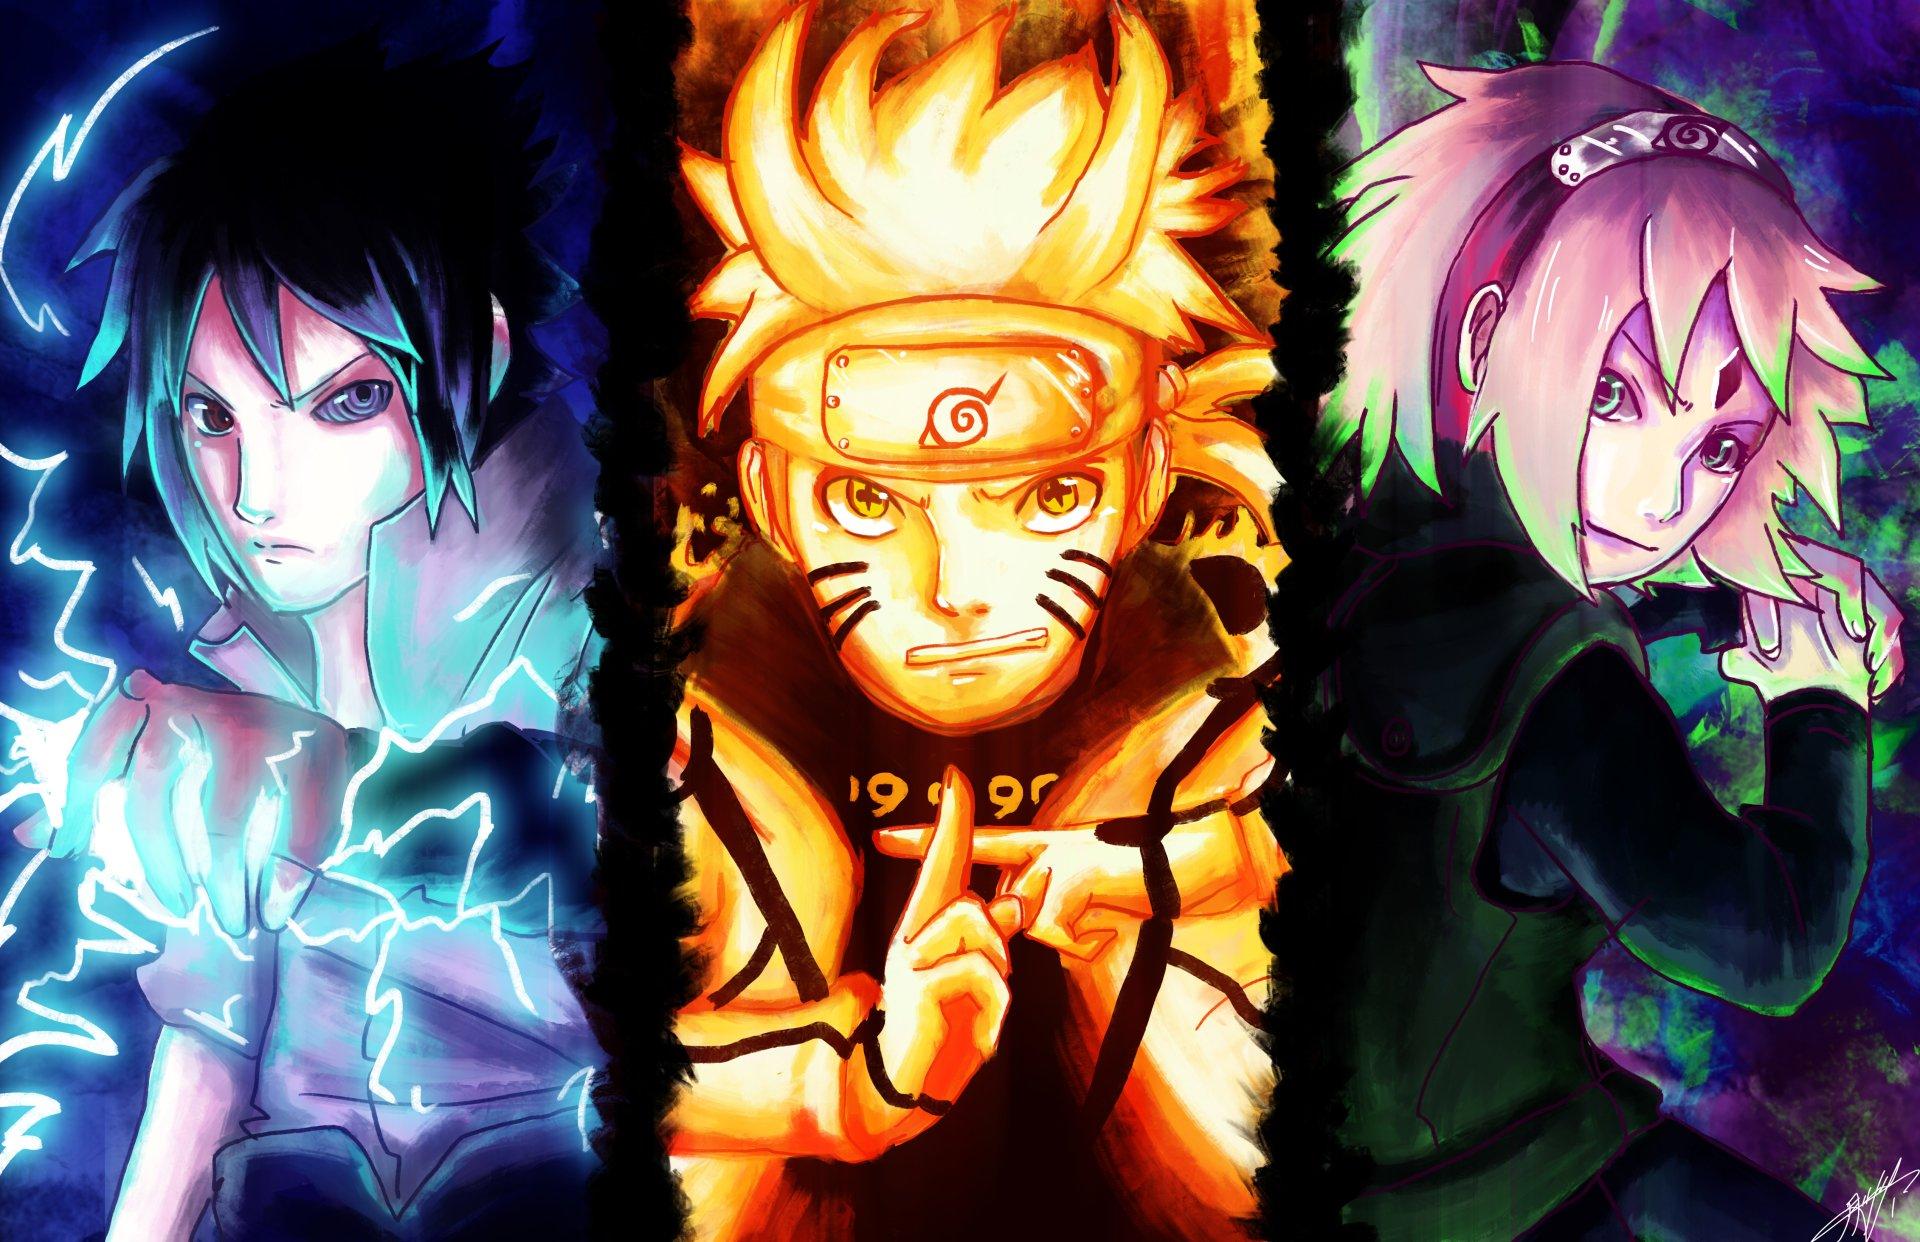 Team 7 Sasuke Naruto And Sakura 4k Ultra Hd Wallpaper